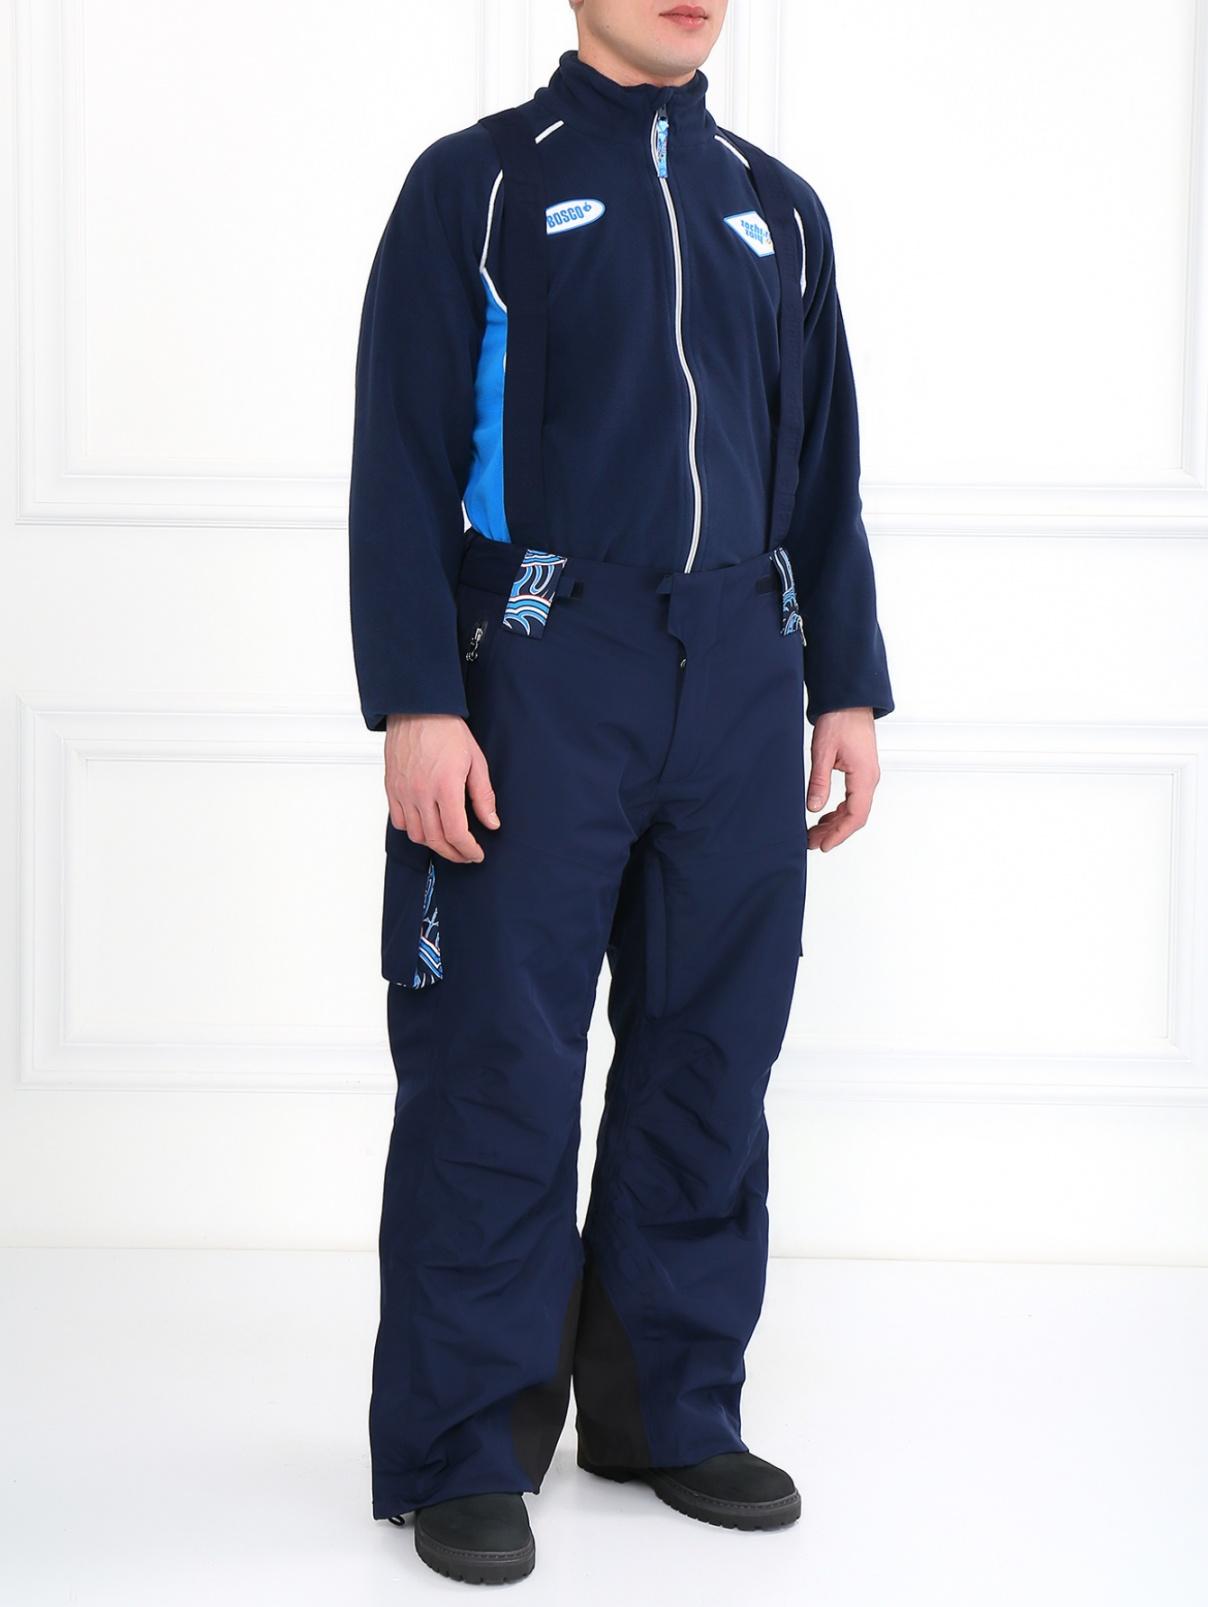 Брюки горнолыжные с накладными карманами Sochi 2014  –  Модель Общий вид  – Цвет:  Синий